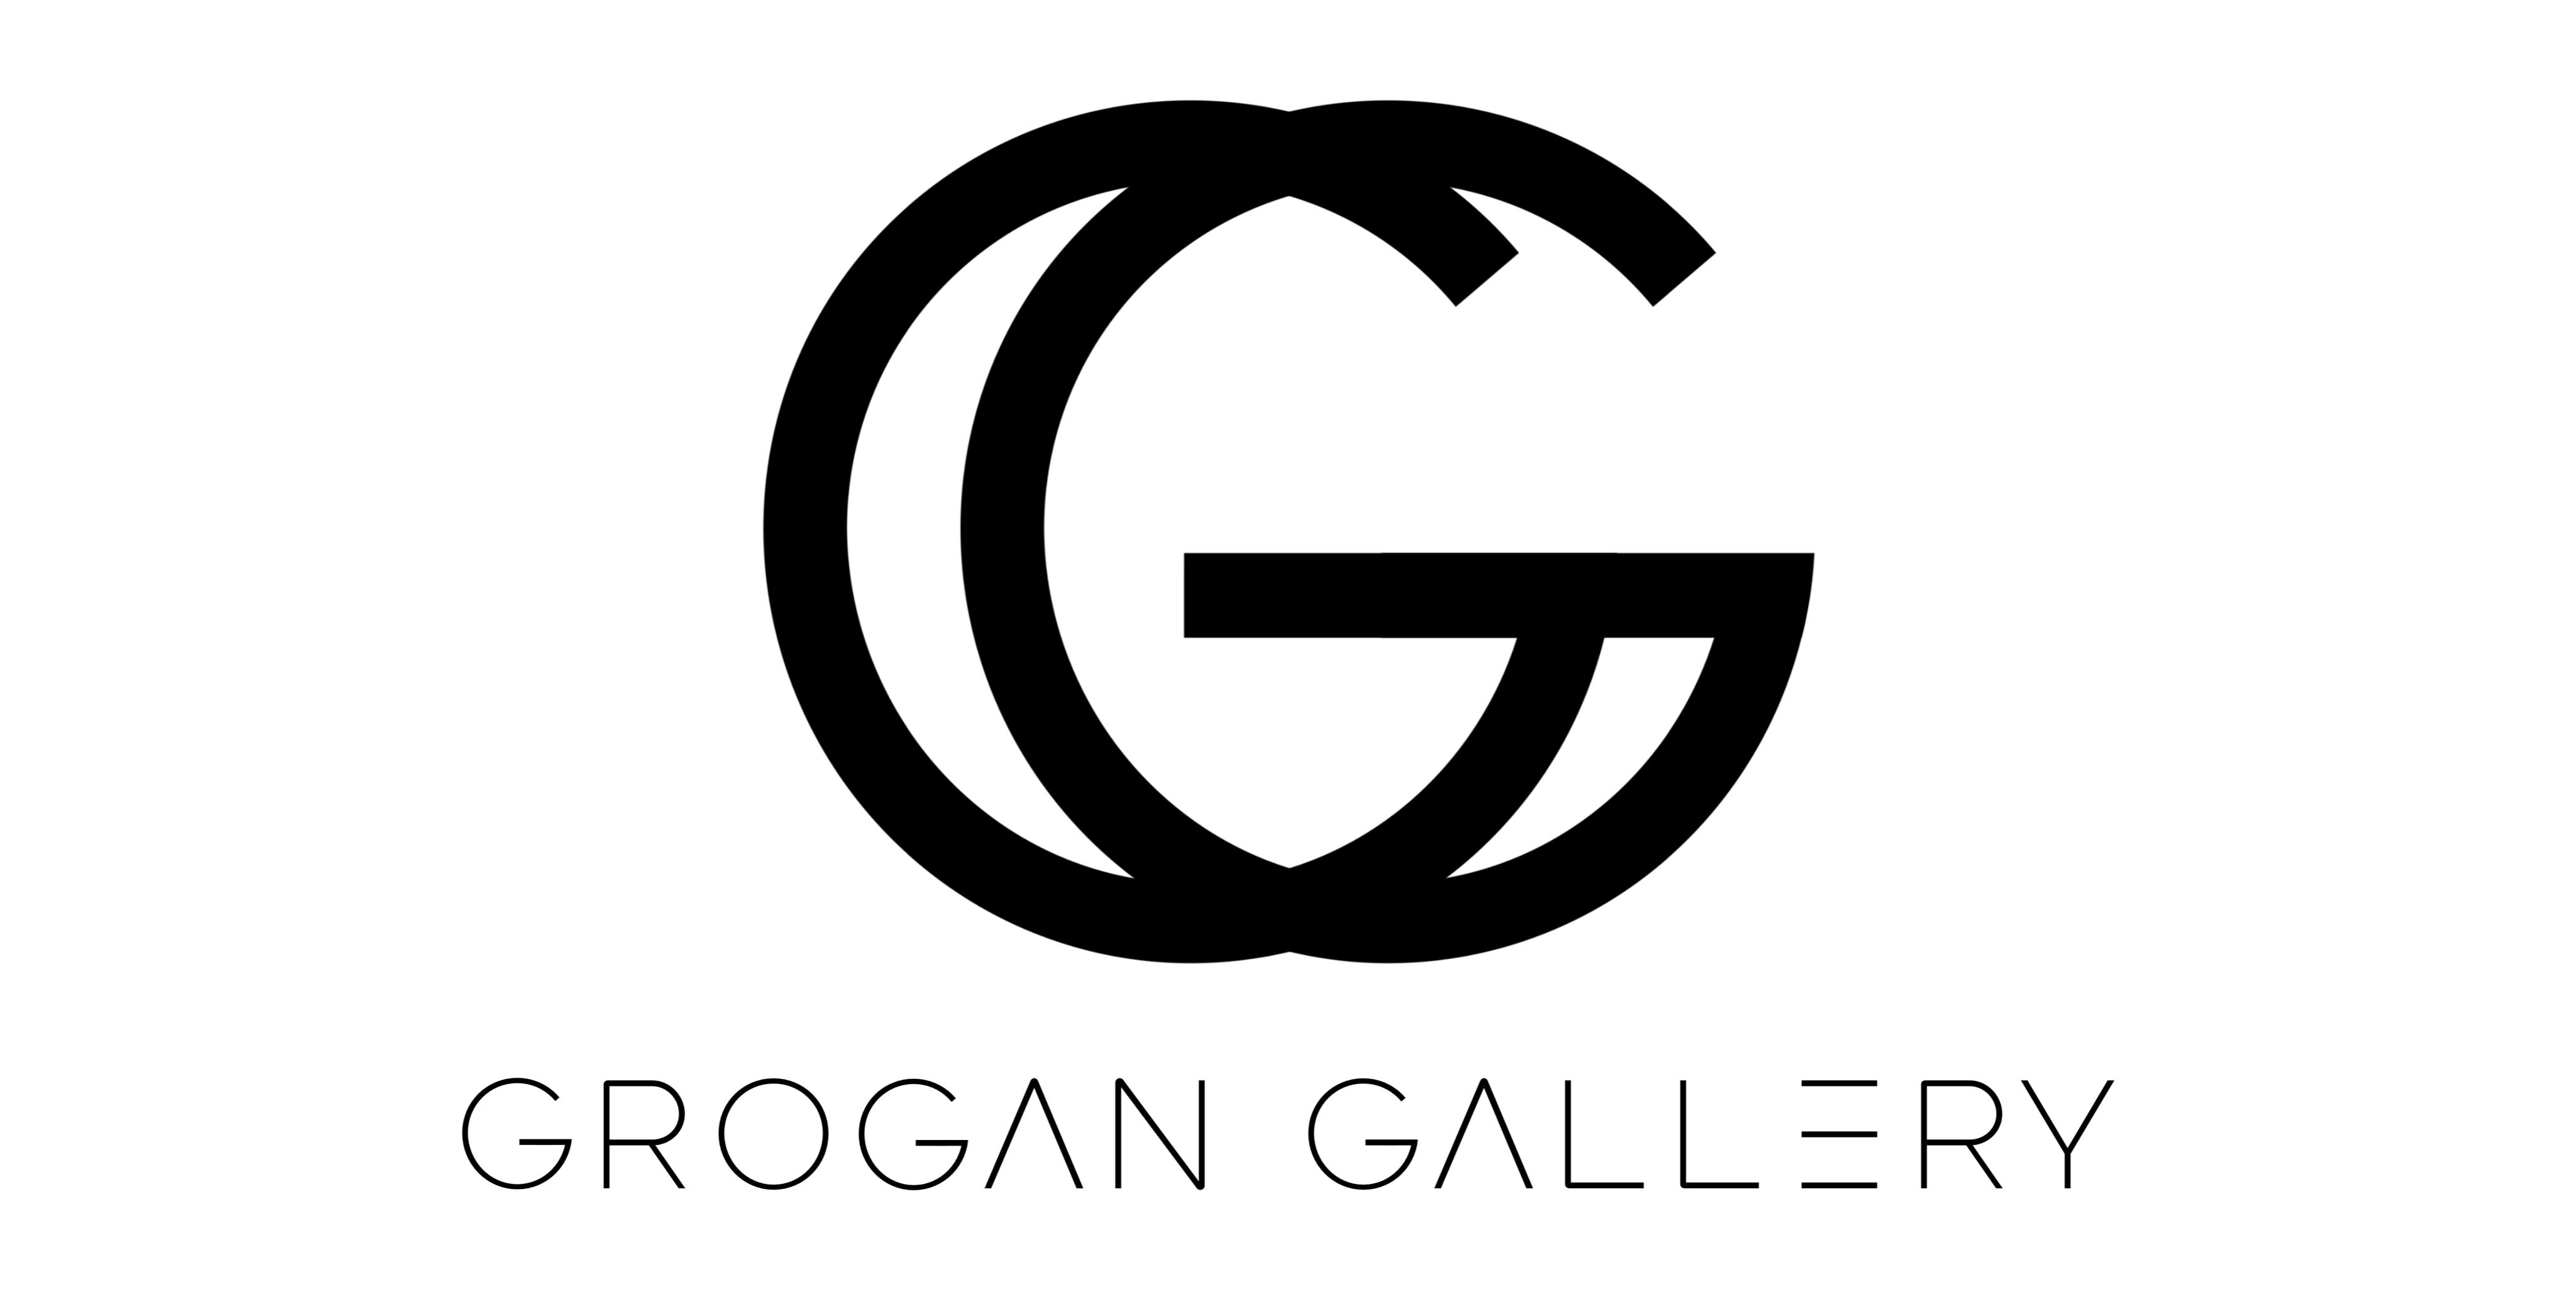 The Grogan Gallery